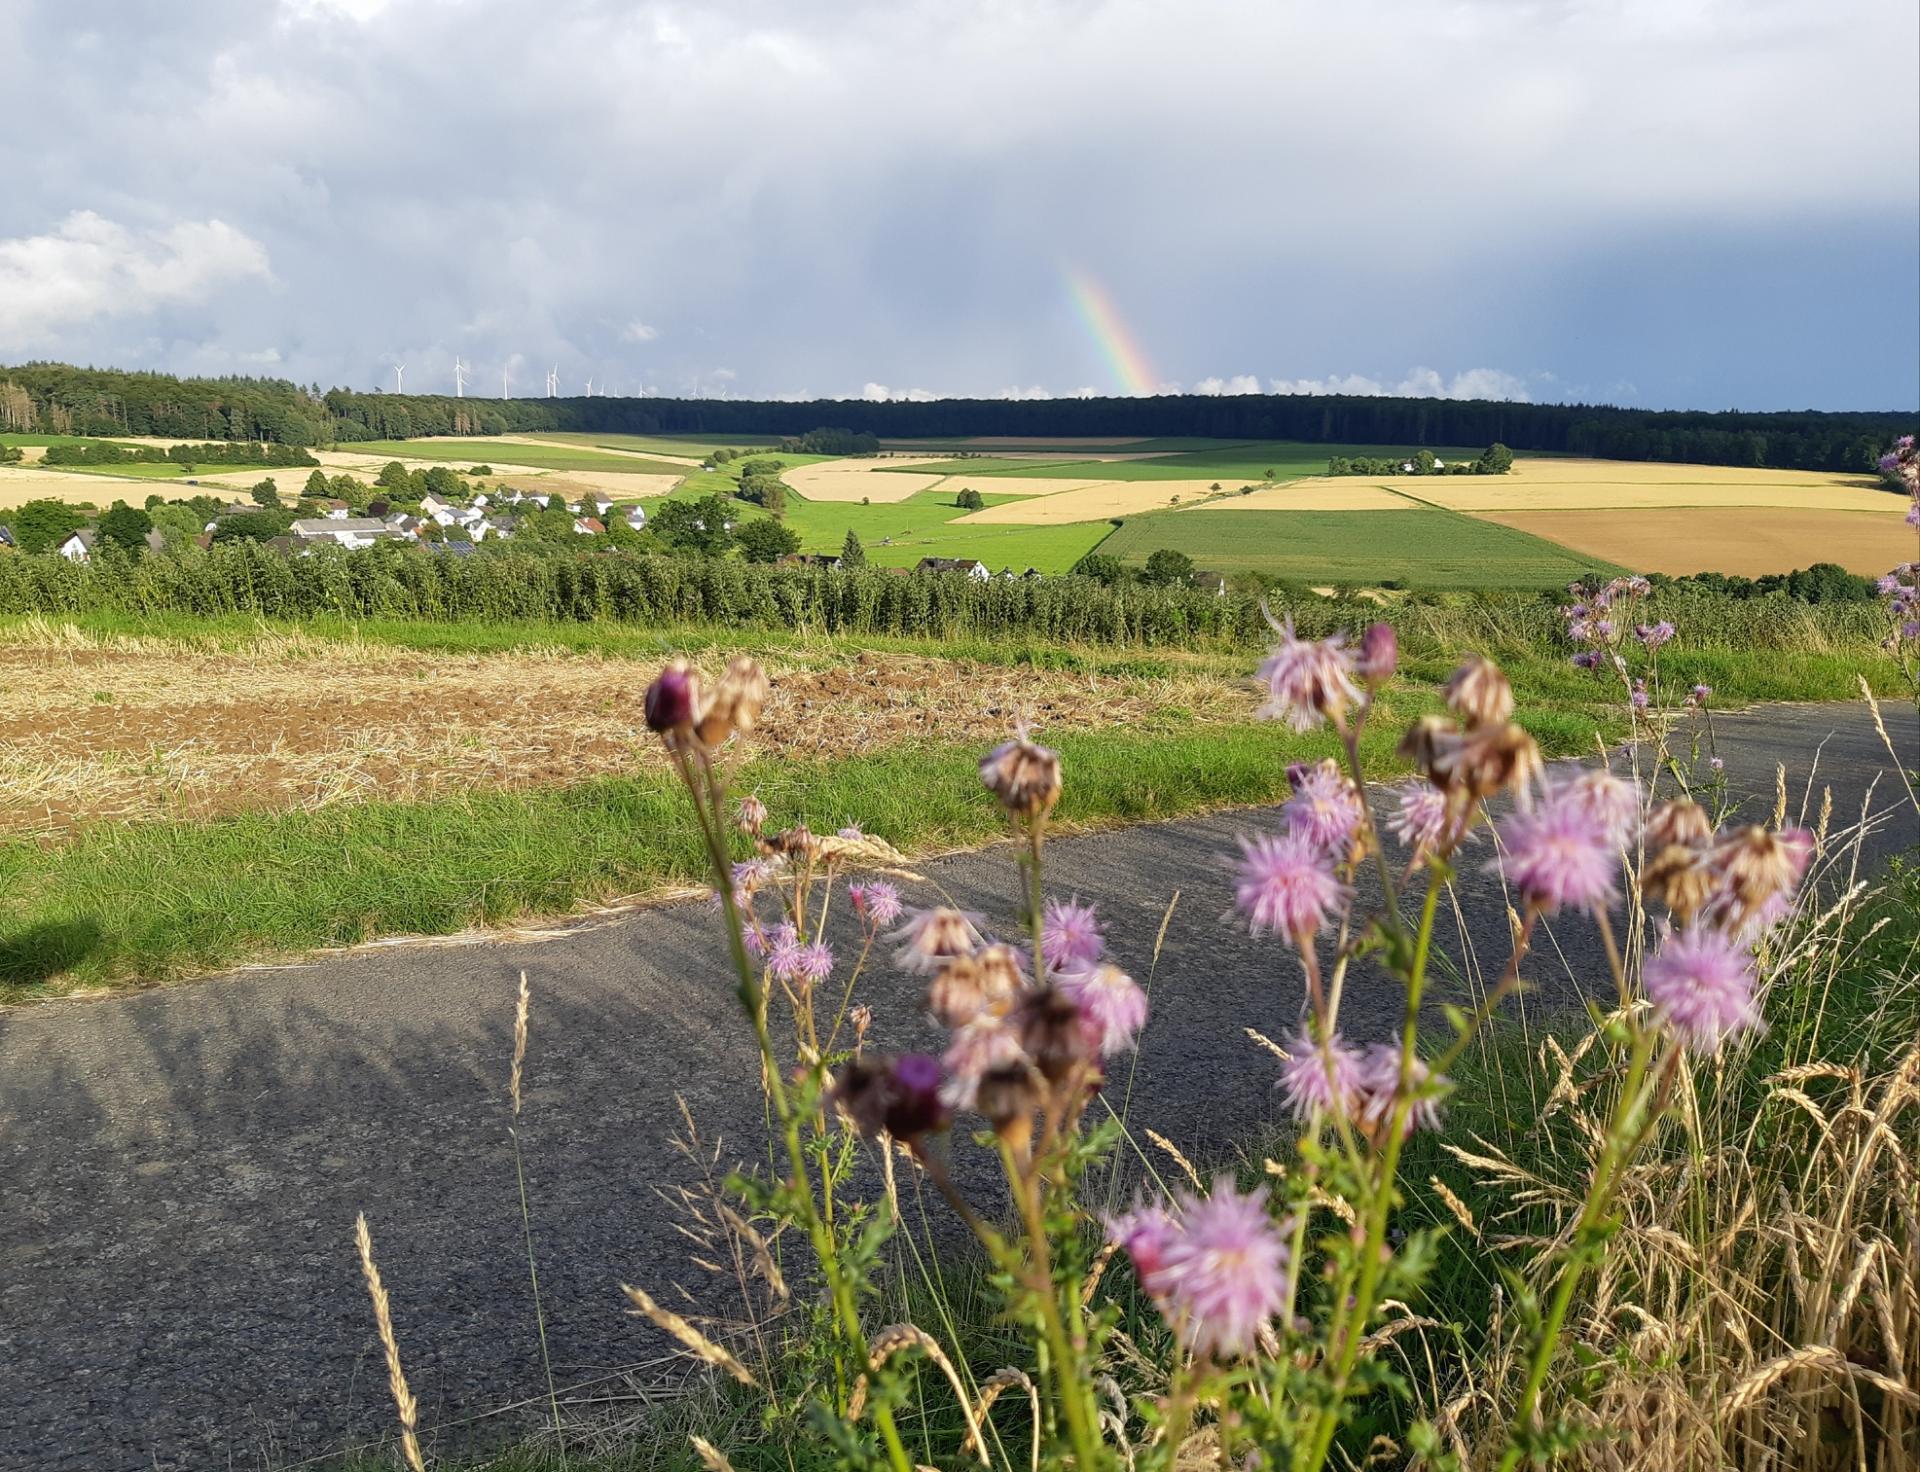 Sommer 2021; Regenbogen und Sonnenschein